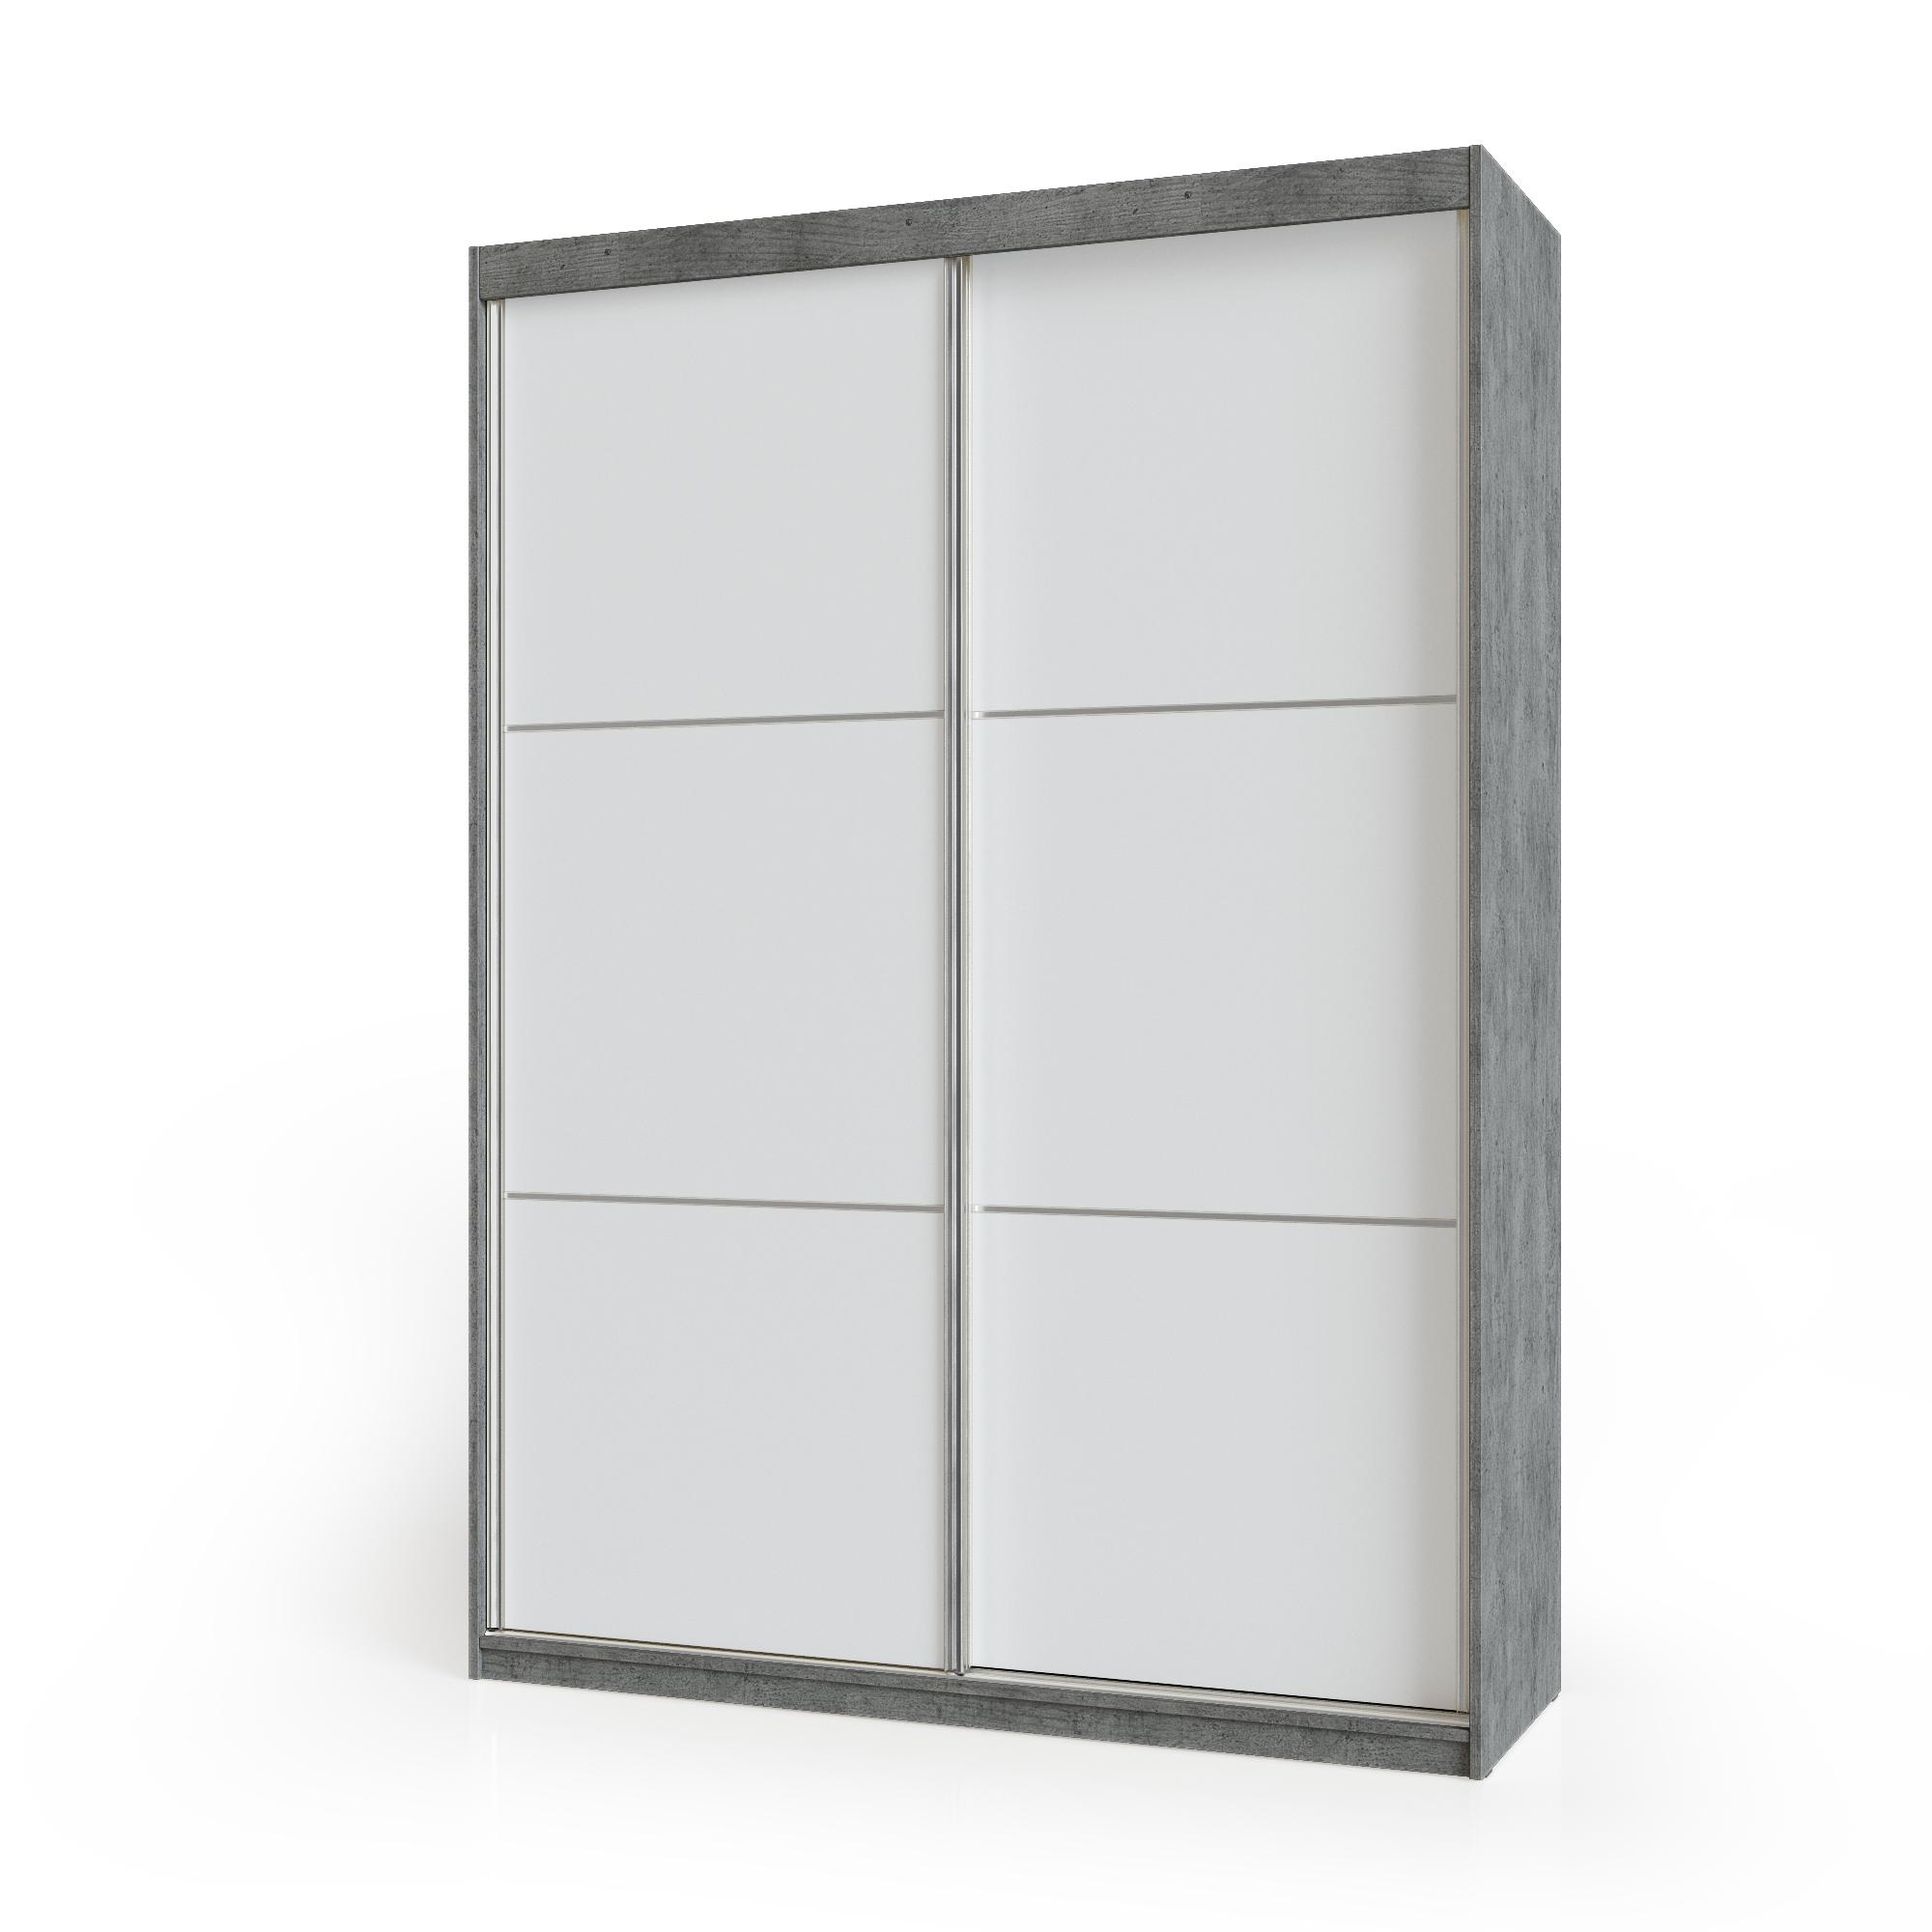 ארוןהזזה 2 דלתות משולב 2 צבעיםדגםבטון משולב